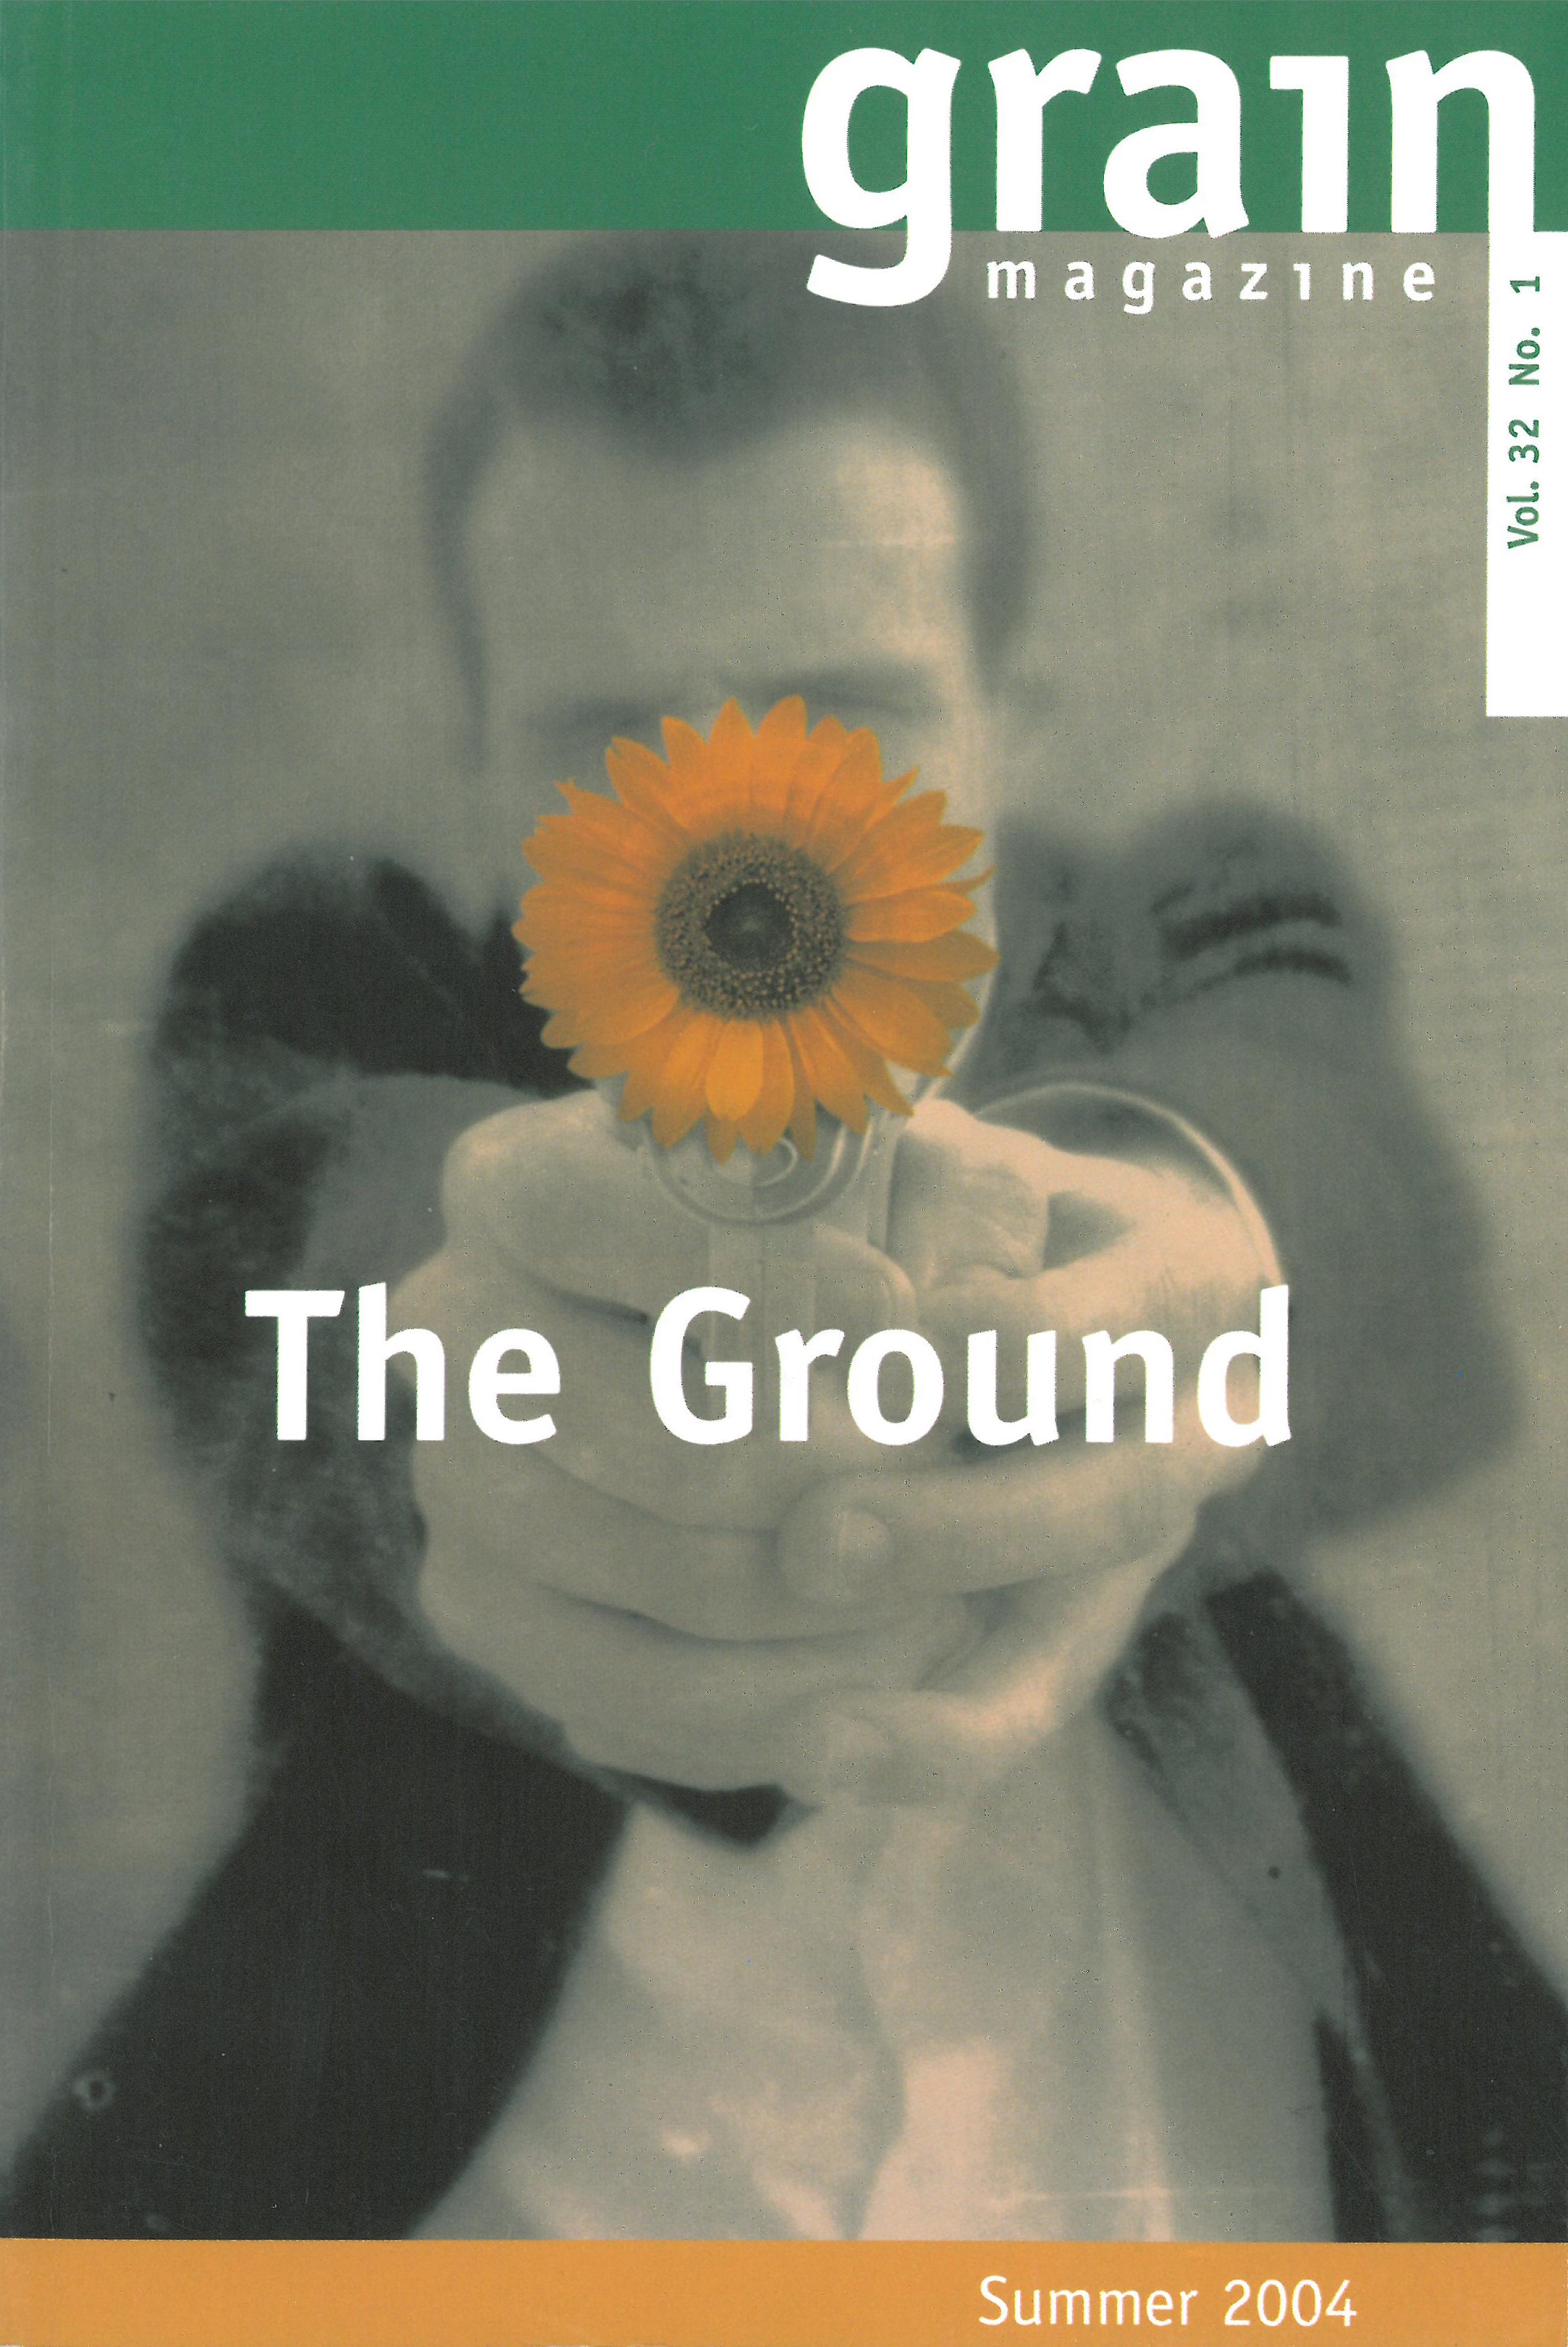 32.1 Summer 2004, The Ground